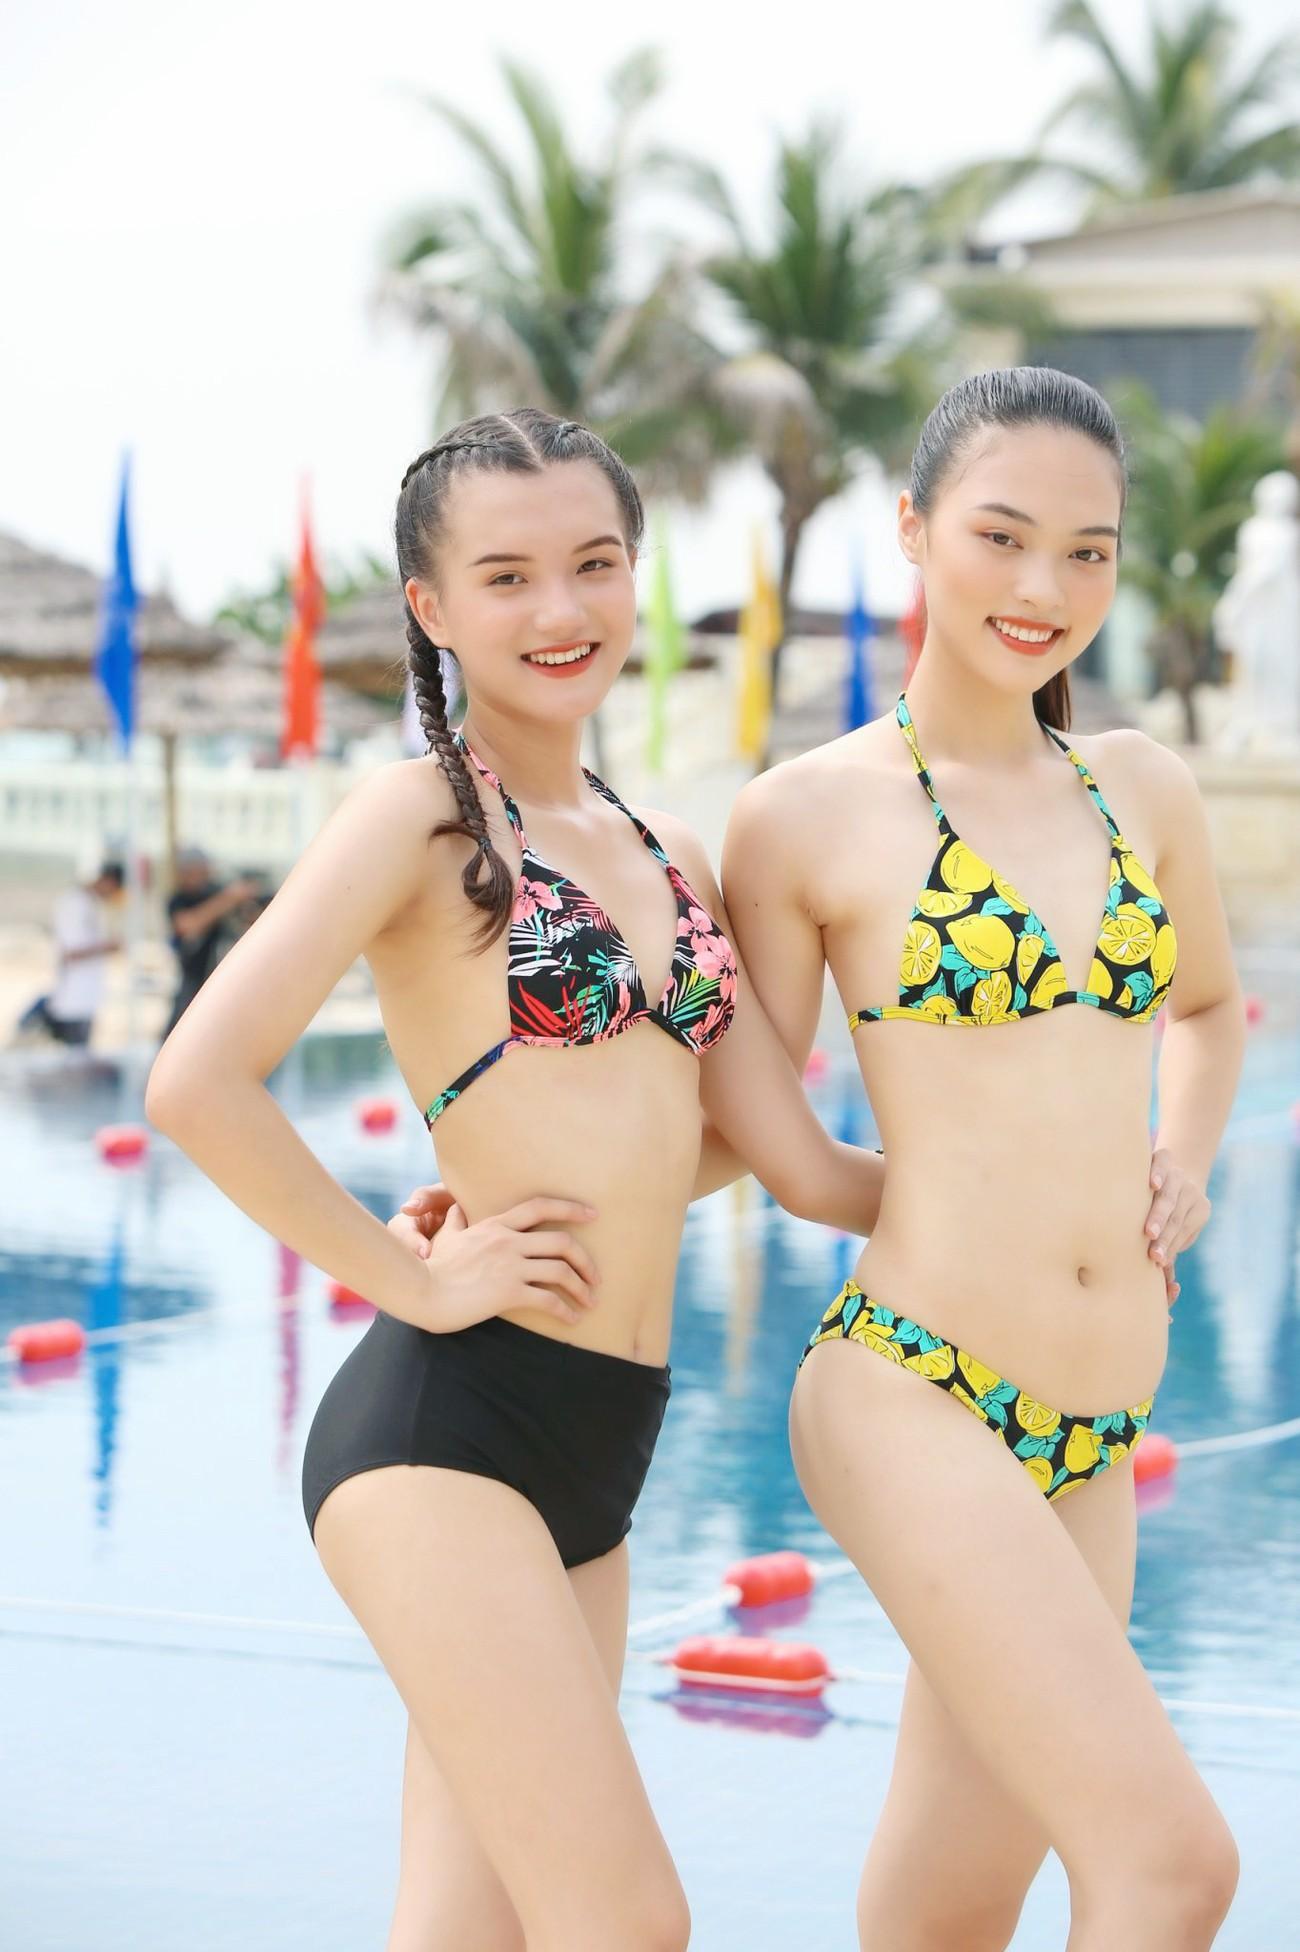 Thí sinh HHVN 2020 nóng bỏng với bikini trong phần thi bơi của 'Người đẹp Thể thao' ảnh 1